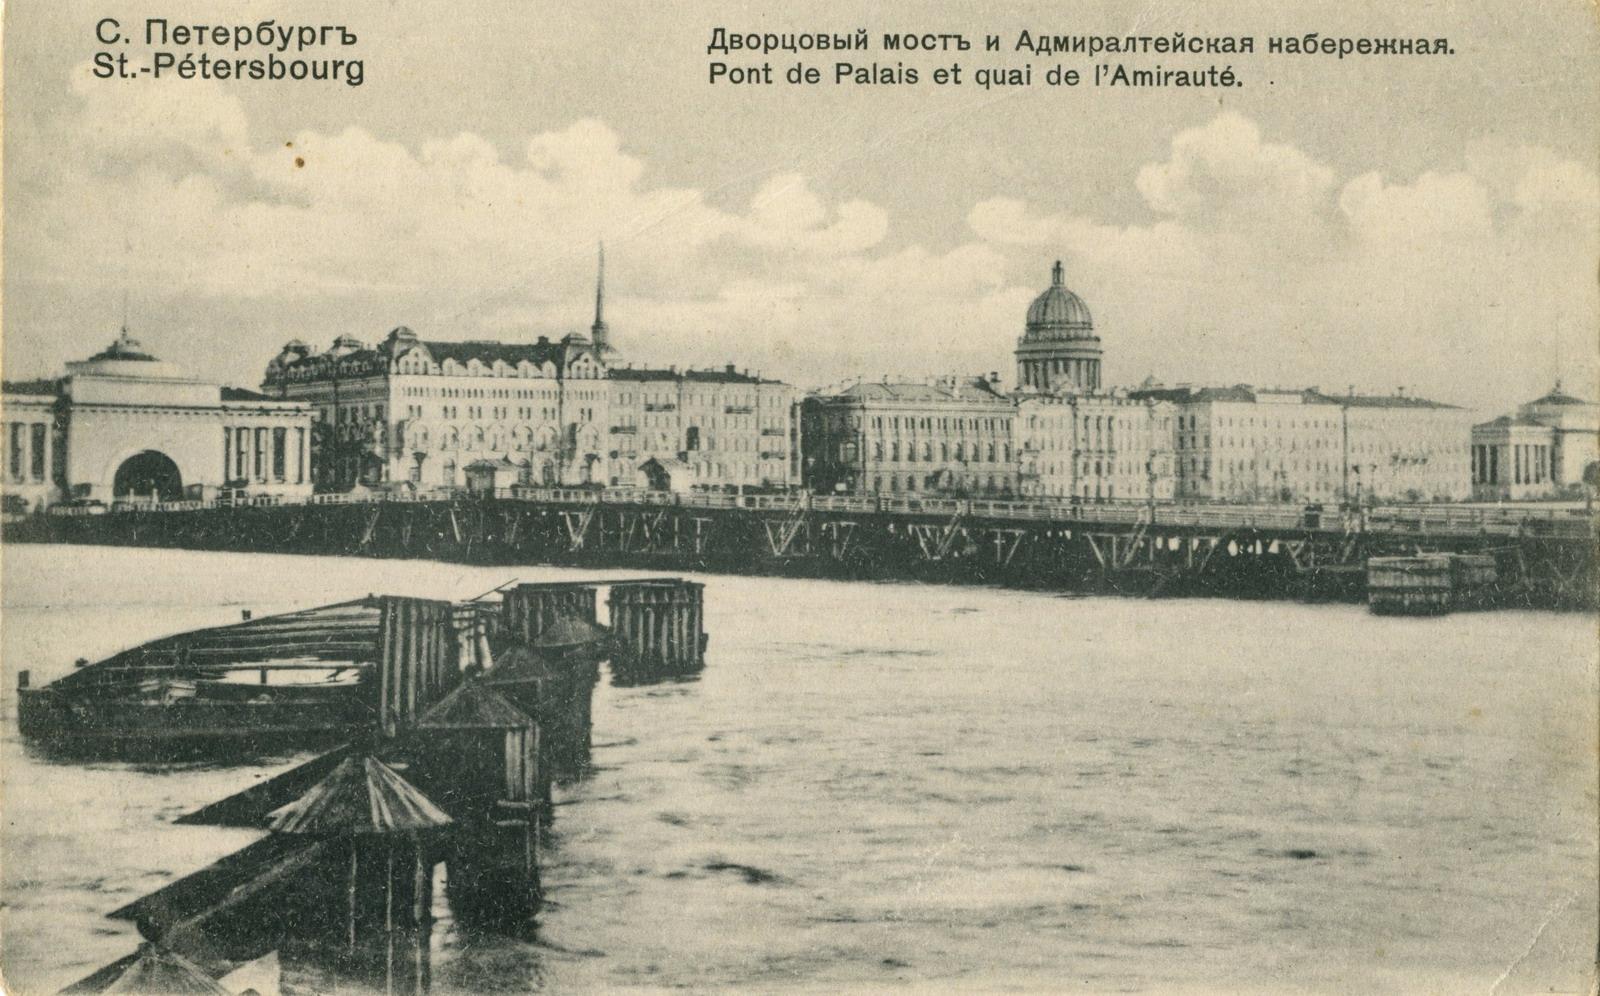 Адмиралтейская набережная и Дворцовый мост